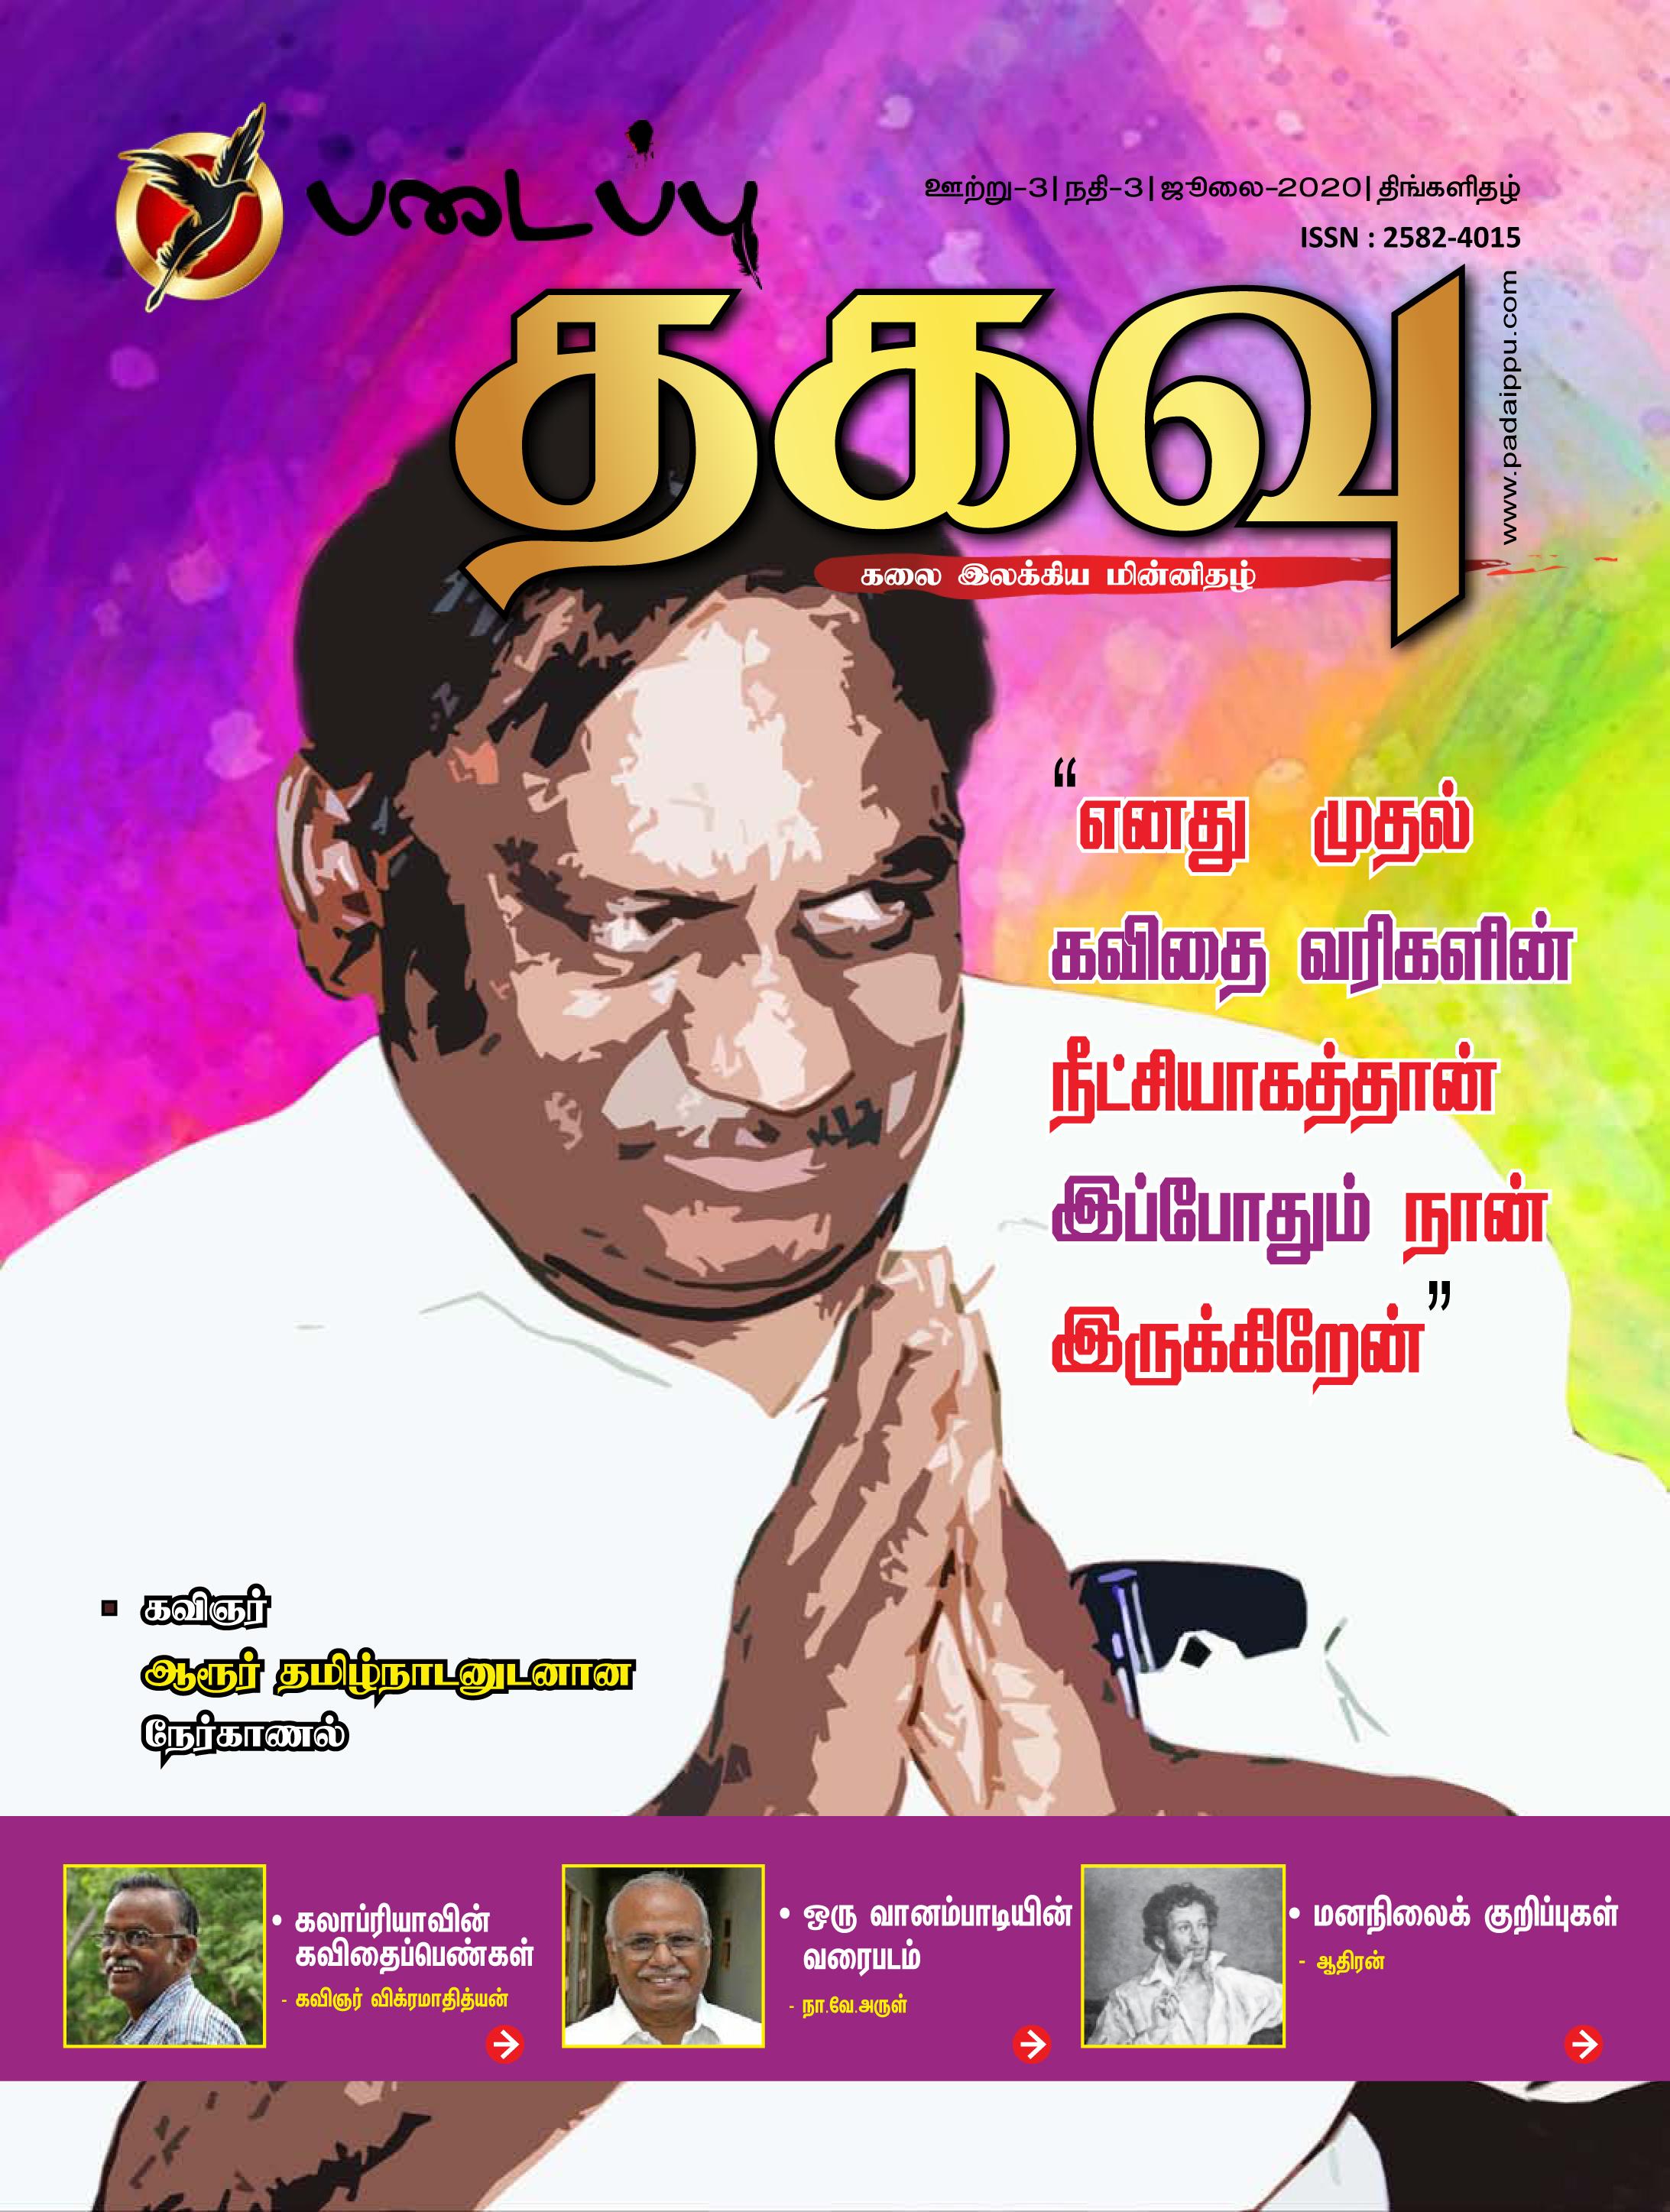 படைப்பு தகவு - கலை இலக்கிய திங்களிதழ் - 27